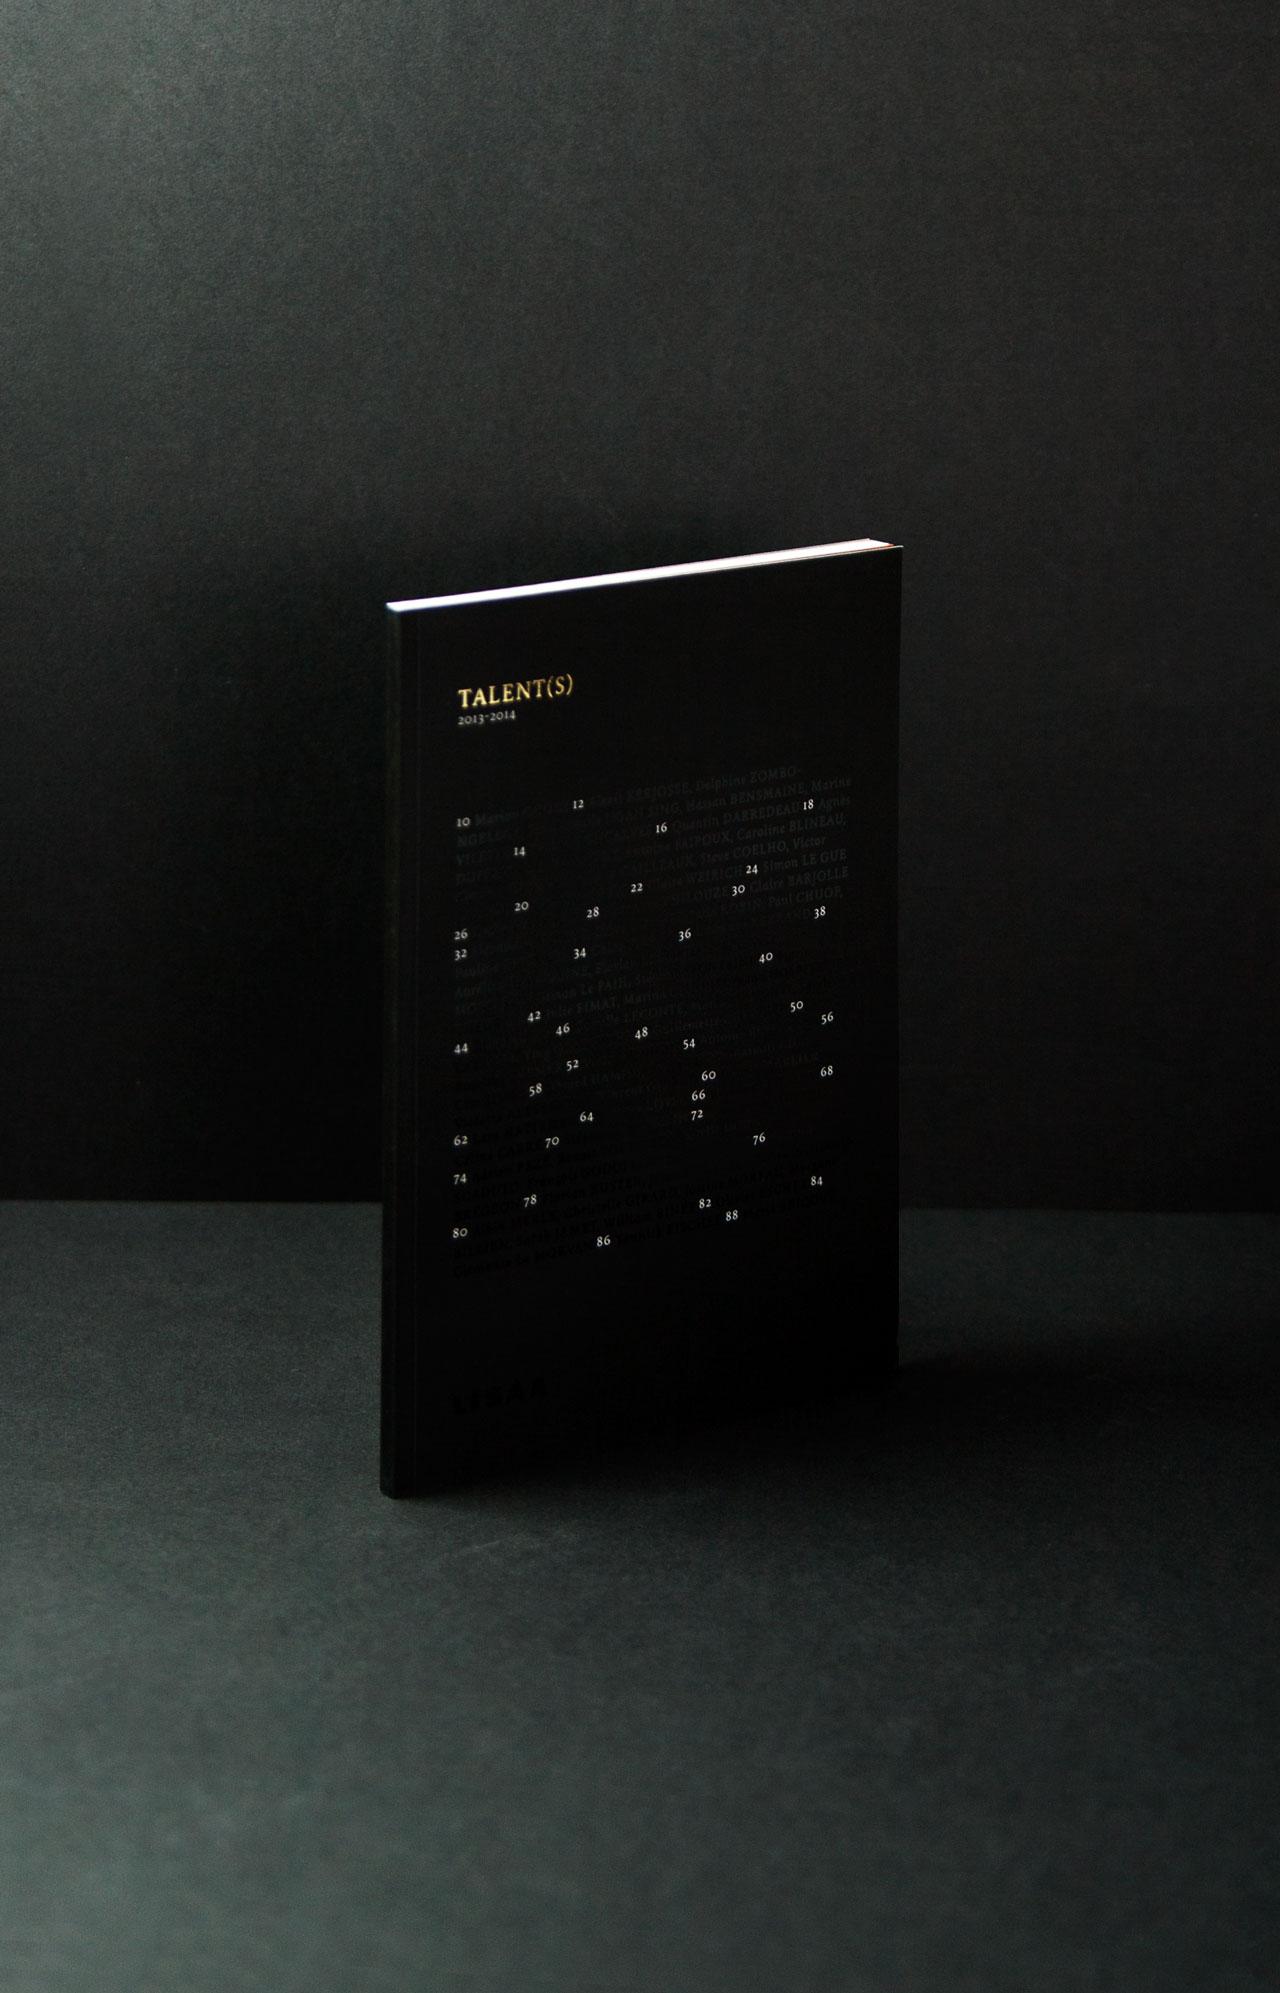 ÉDITION TALENT(S) — 2013